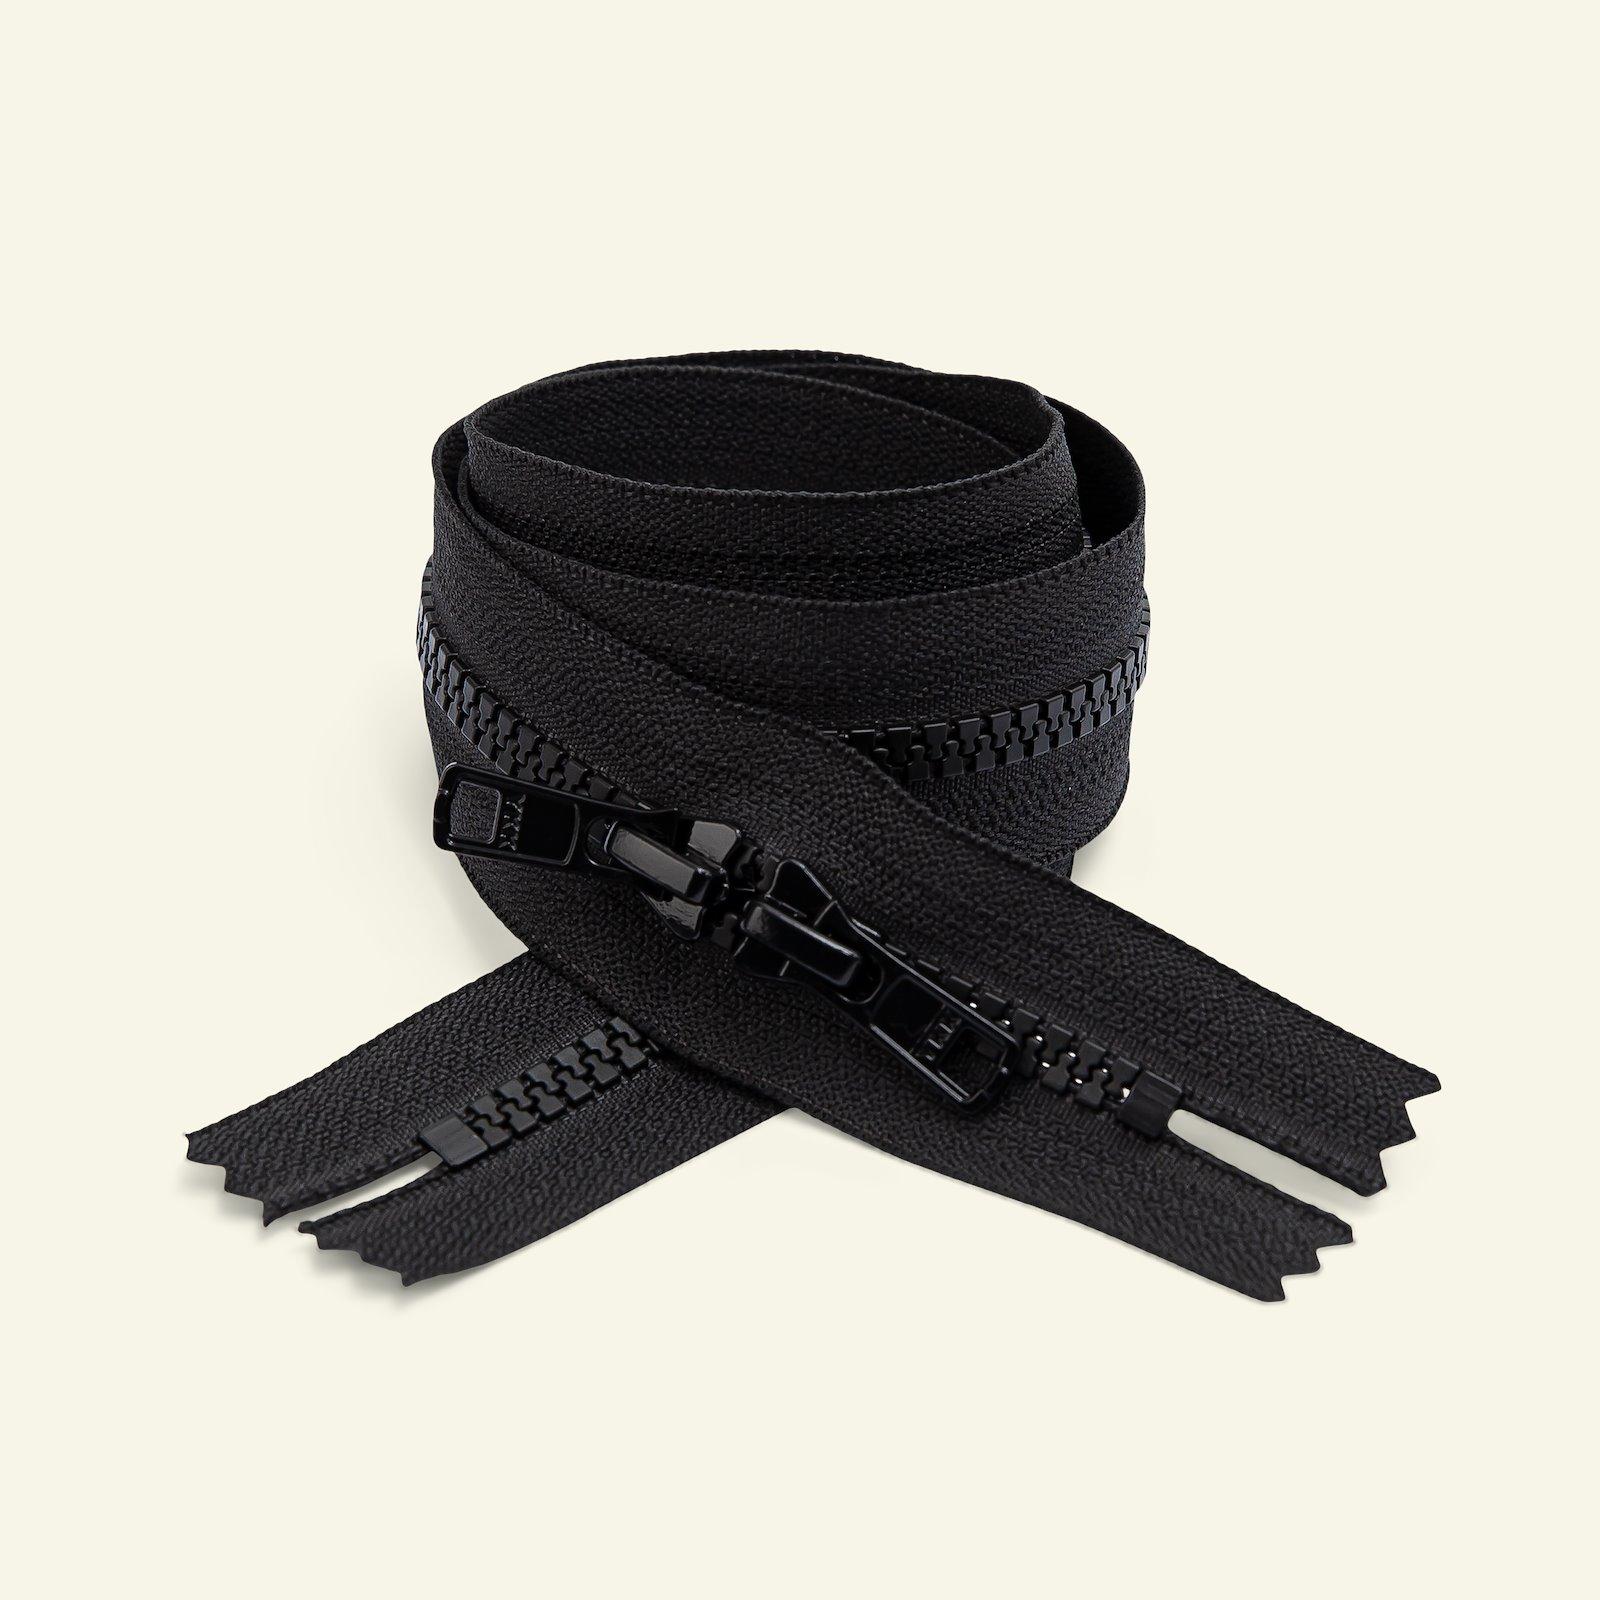 YKK zip 6mm 2-way closed end 100cm black x51243_pack